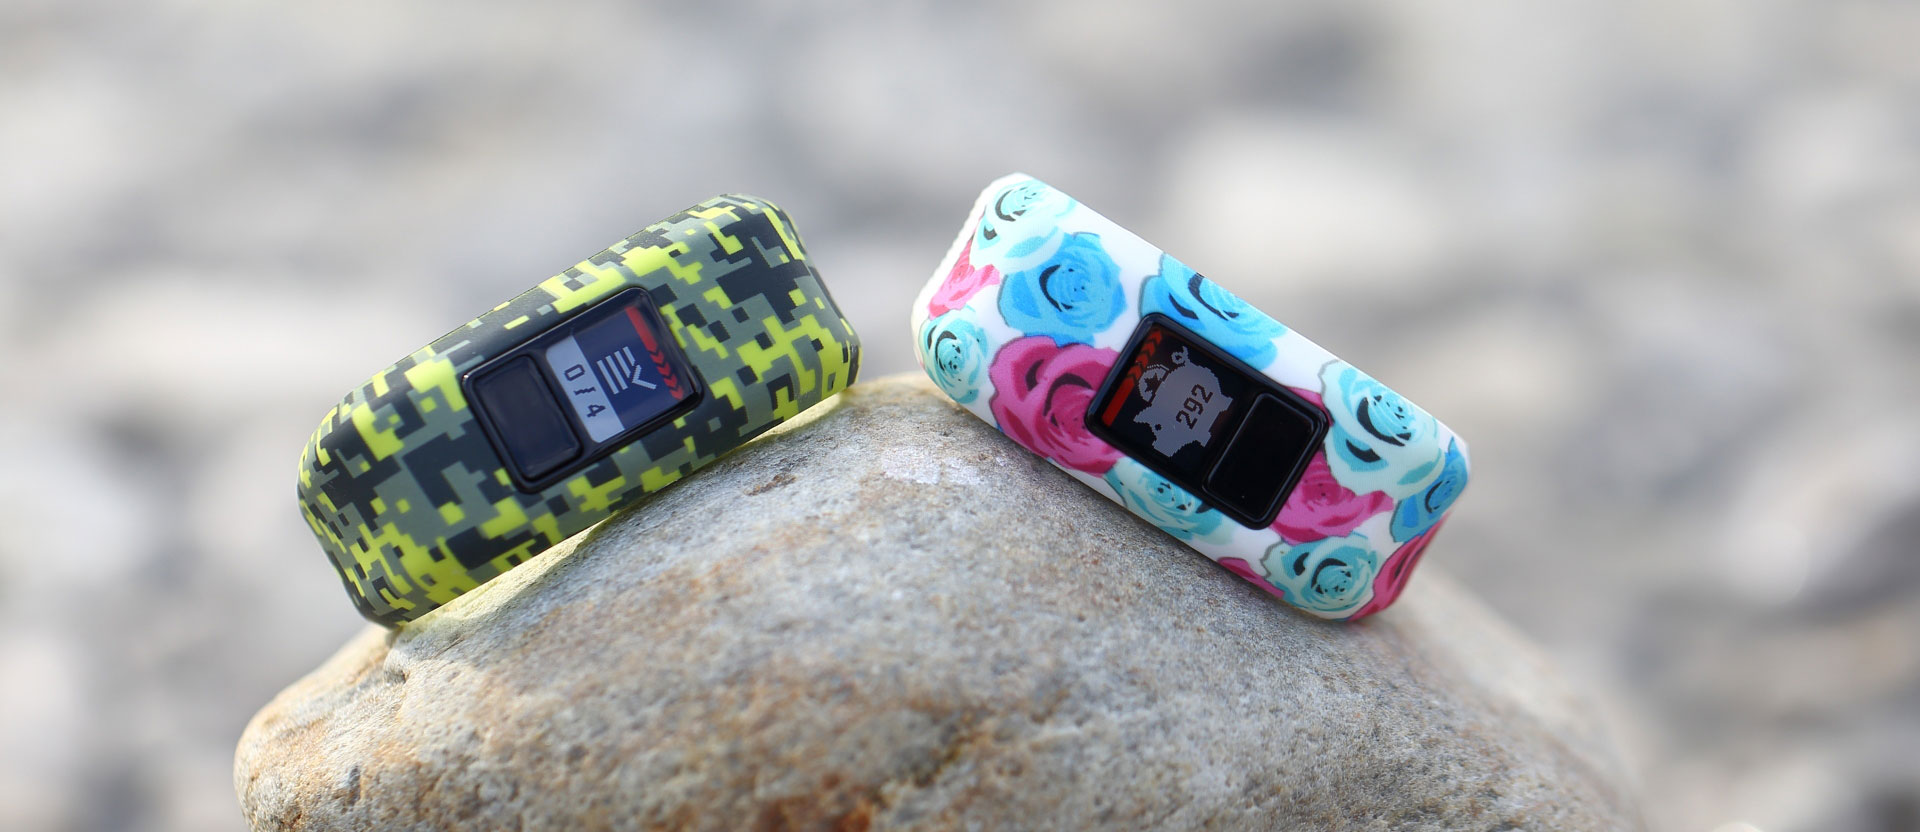 Zwei Garmin vivofit jr. Fitness-Tracker für Kinder auf einem Stein